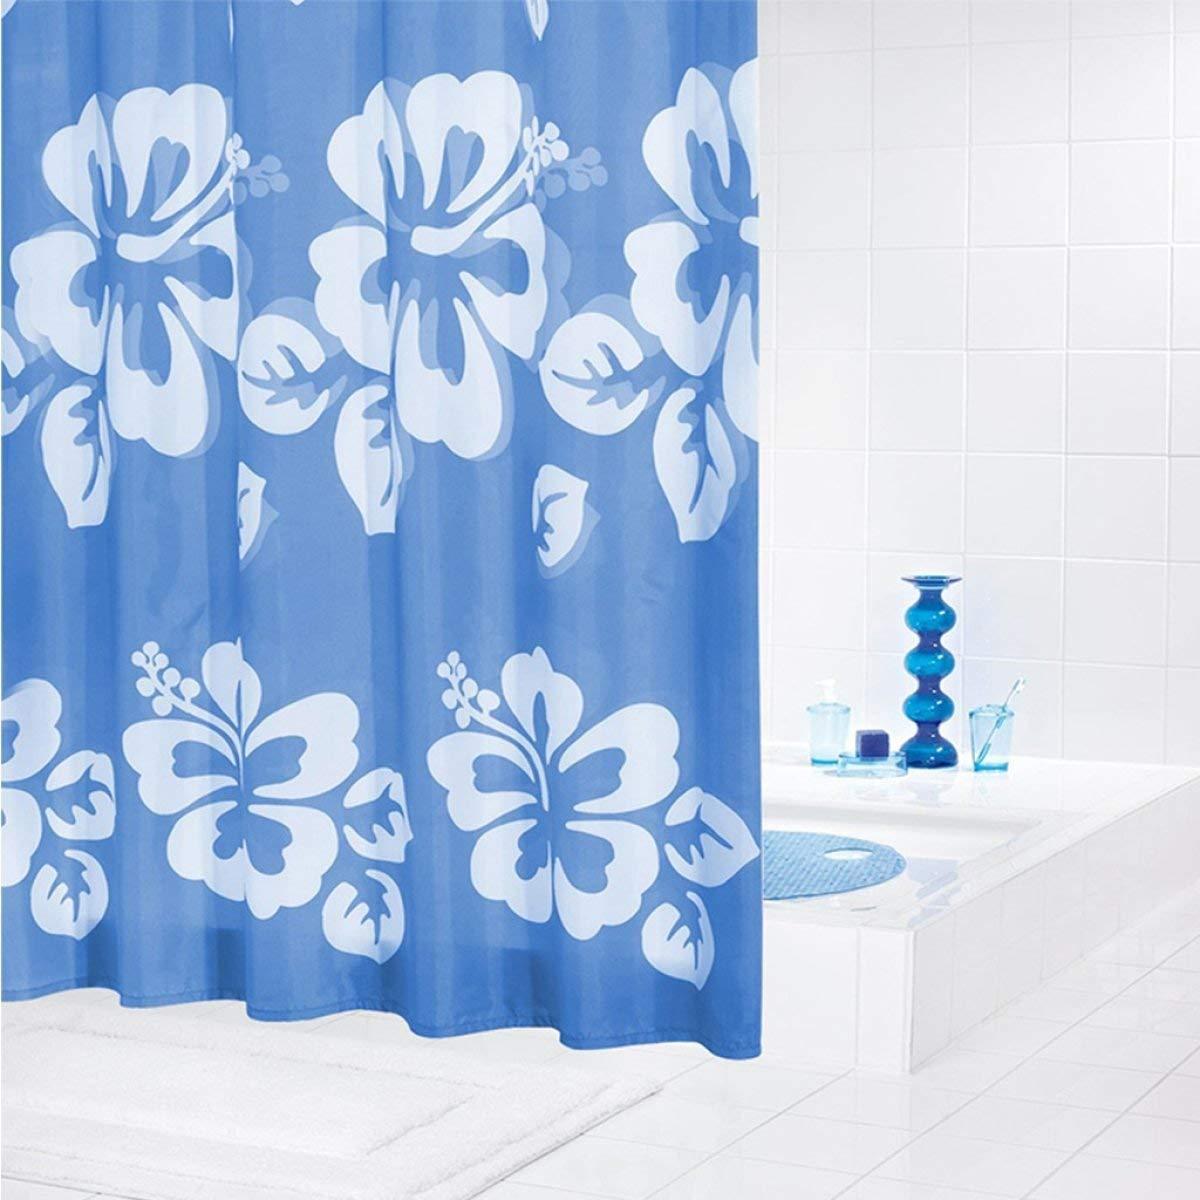 CURTAIN HOME 防シワティール厚肥厚不透明防水カビポリエステルバスルームのシャワーカーテン配管浴室付属品を増やす (Color : A) B07PWM29JC A